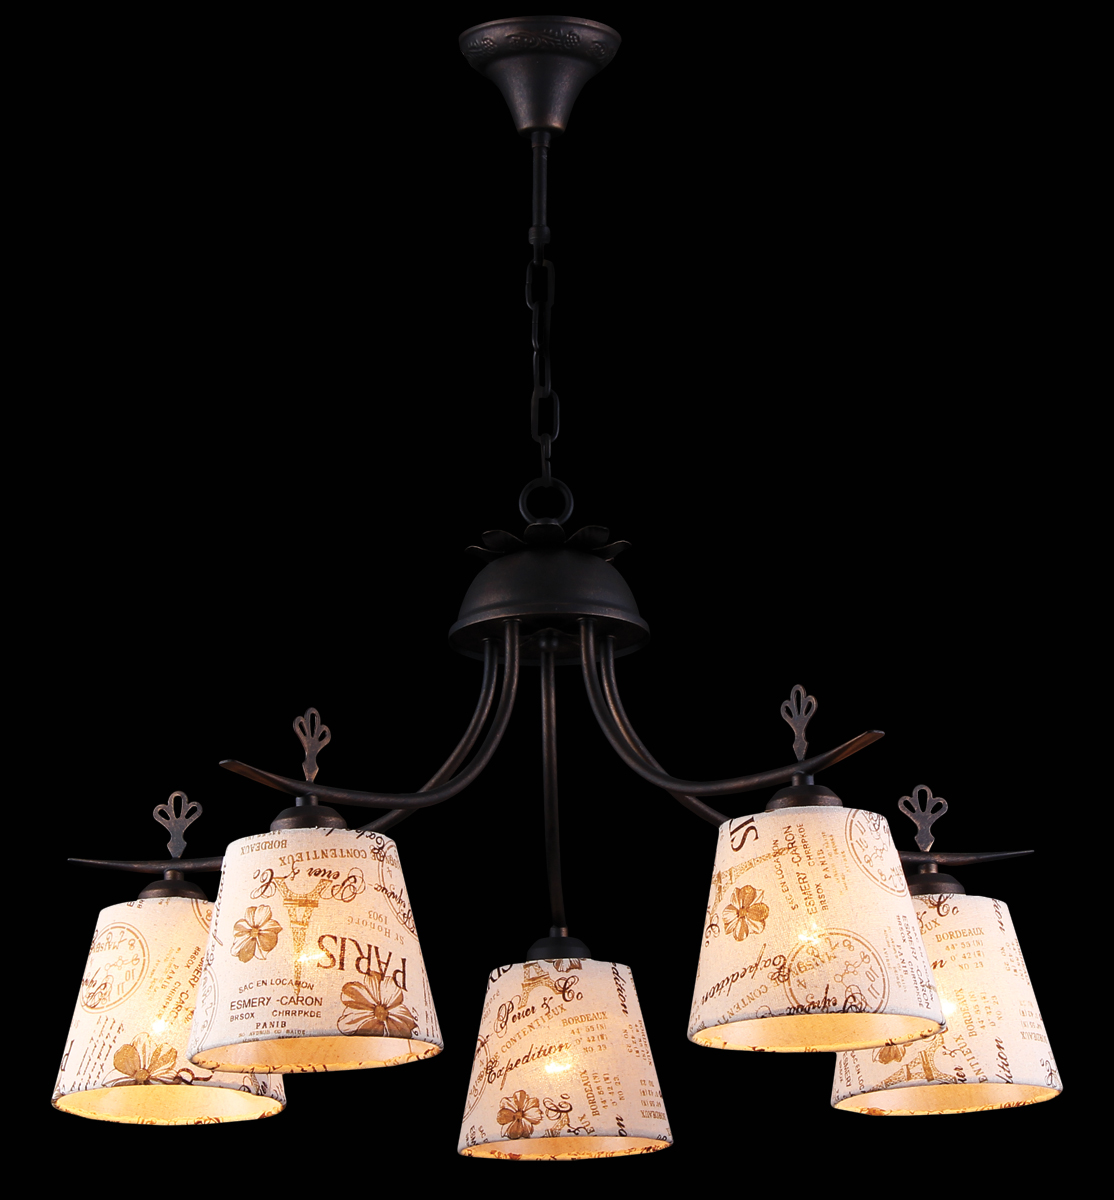 Люстра Natali Kovaltseva, 5 x E27, 40W. 11430/5СALPS 11430/5С BROWN GOLDЛюстра Natali Kovaltseva, выполненная в классическом стиле, станет украшением вашей комнаты и изысканно дополнит интерьер. Люстра выполнена из металла с хромированным покрытием, плафоны изготовлены из муранского стекла. В коллекциях Natali Kovaltseva представлены разные стили - от классики до хайтека. Дизайн и технологическая составляющая продукции разрабатывается в R&D центре компании, который находится в г. Дюссельдорф, Германия. При производстве продукции используются высококачественные и эксклюзивные материалы: хрусталь ASFOR, муранское стекло, перламутр, 24-каратное золото, бронза. Производство светильников соответствует стандарту системы менеджмента качества ISO 9001-2000. На всю продукцию ТМ Natali Kovaltseva распространяется гарантия.